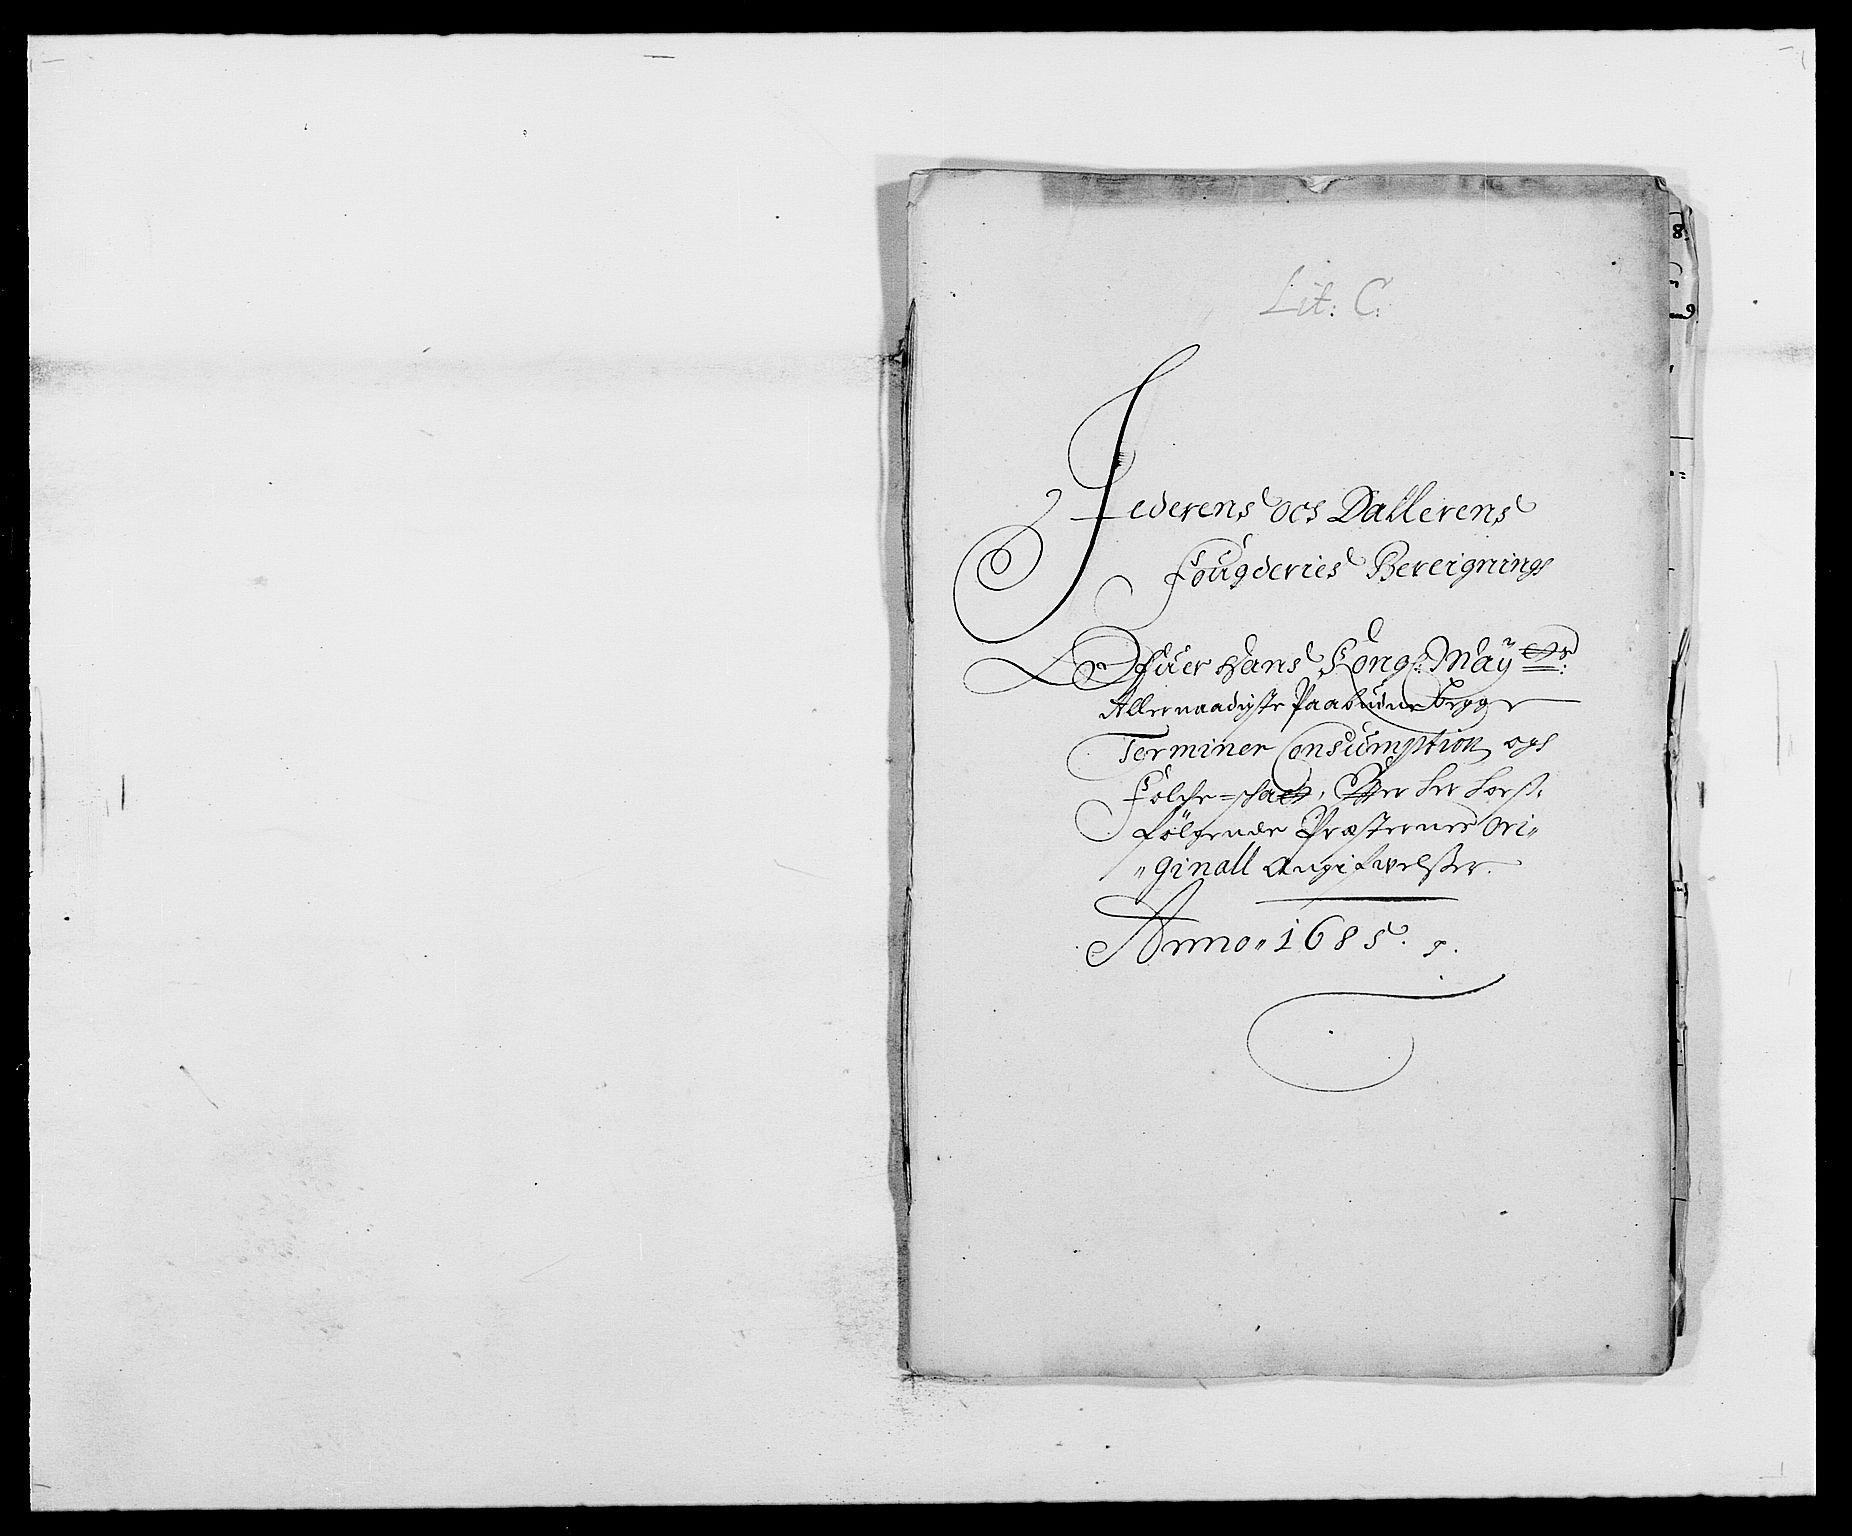 RA, Rentekammeret inntil 1814, Reviderte regnskaper, Fogderegnskap, R46/L2725: Fogderegnskap Jæren og Dalane, 1685, s. 92